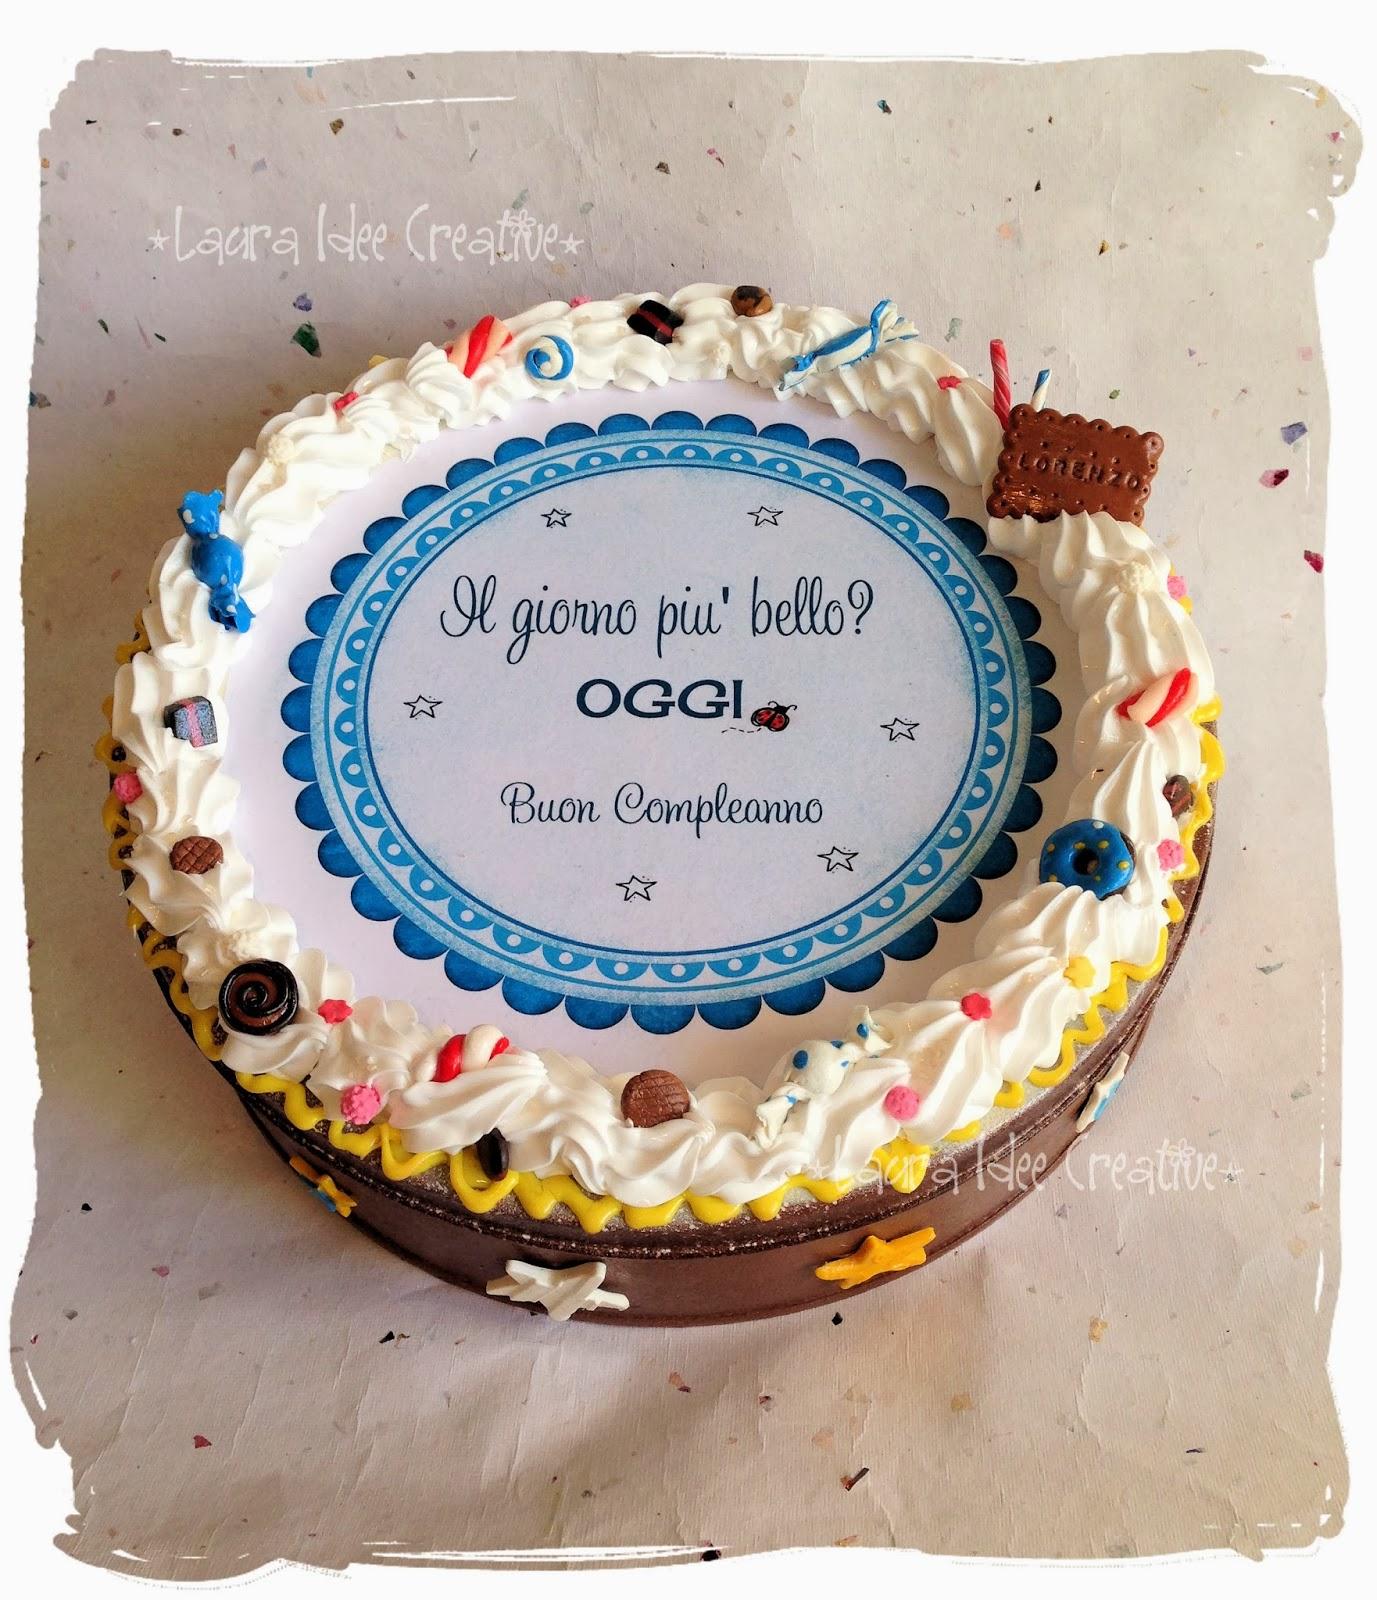 Laura idee creative scatola dolciosa di compleanno for Idee per torta di compleanno